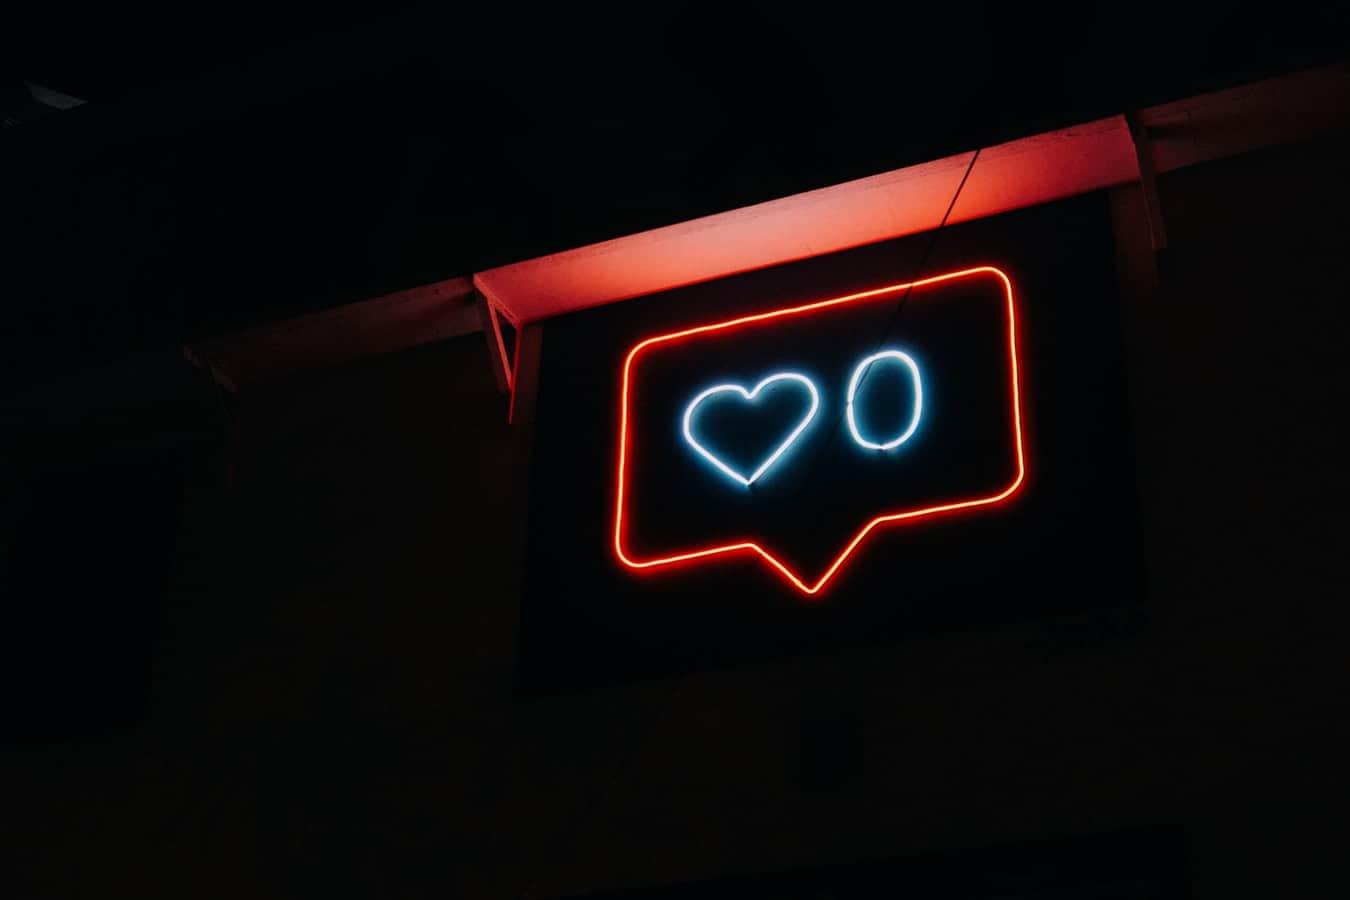 10-4-1 -sääntö tehostaa viestintää sosiaalisessa mediassa